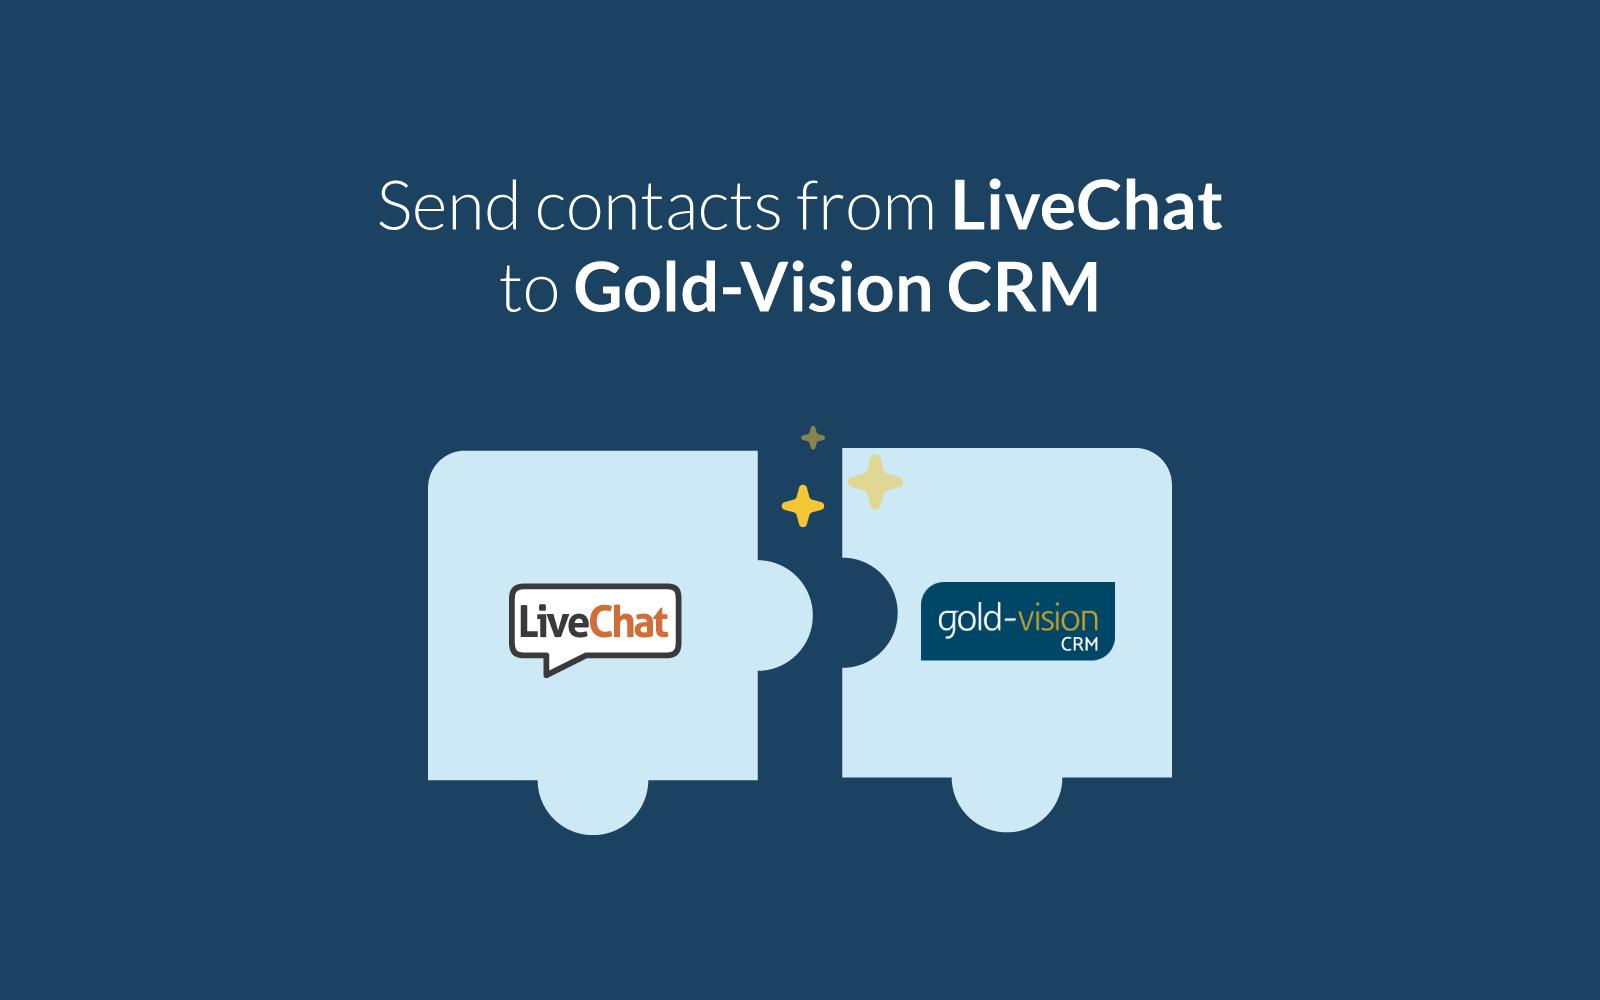 Gold-Vision CRM integration